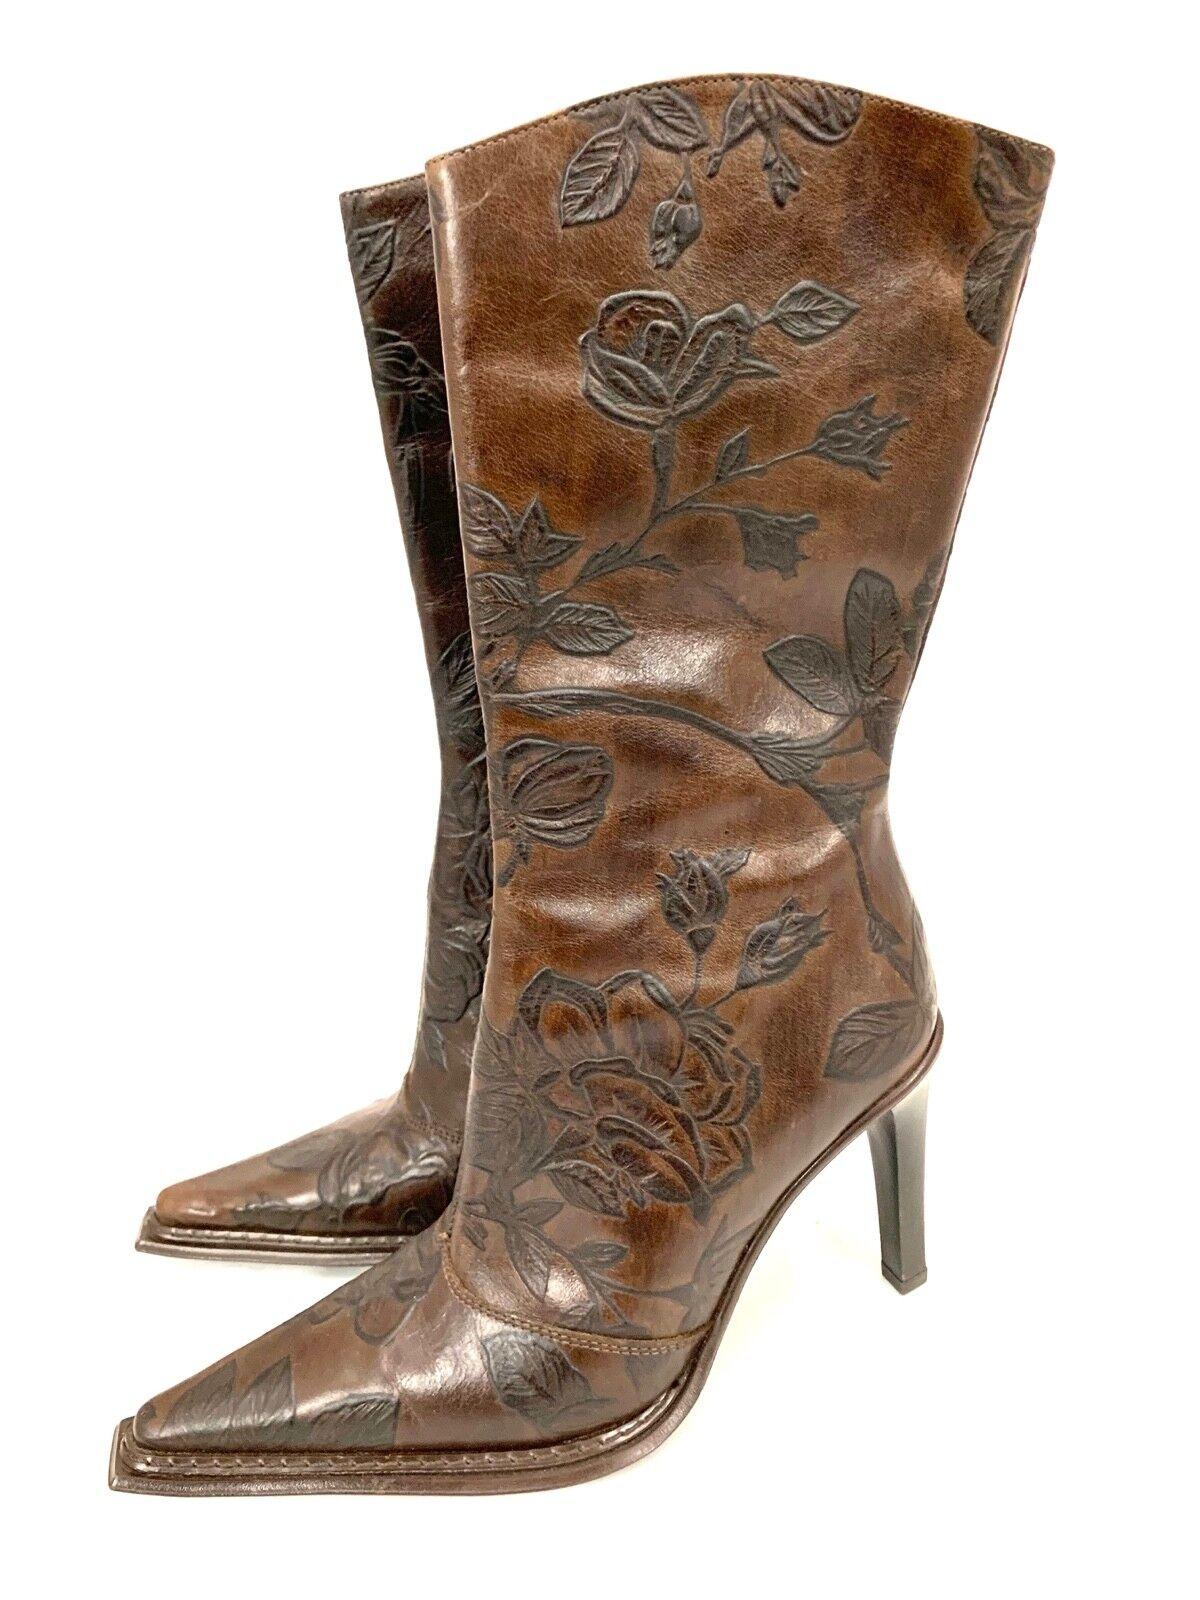 risparmia fino al 30-50% di sconto Donna  Andrew Stevens Marrone Floral Embossed Embossed Embossed stivali Heels Sz 36 EU  5.5 US NWOB  buon prezzo